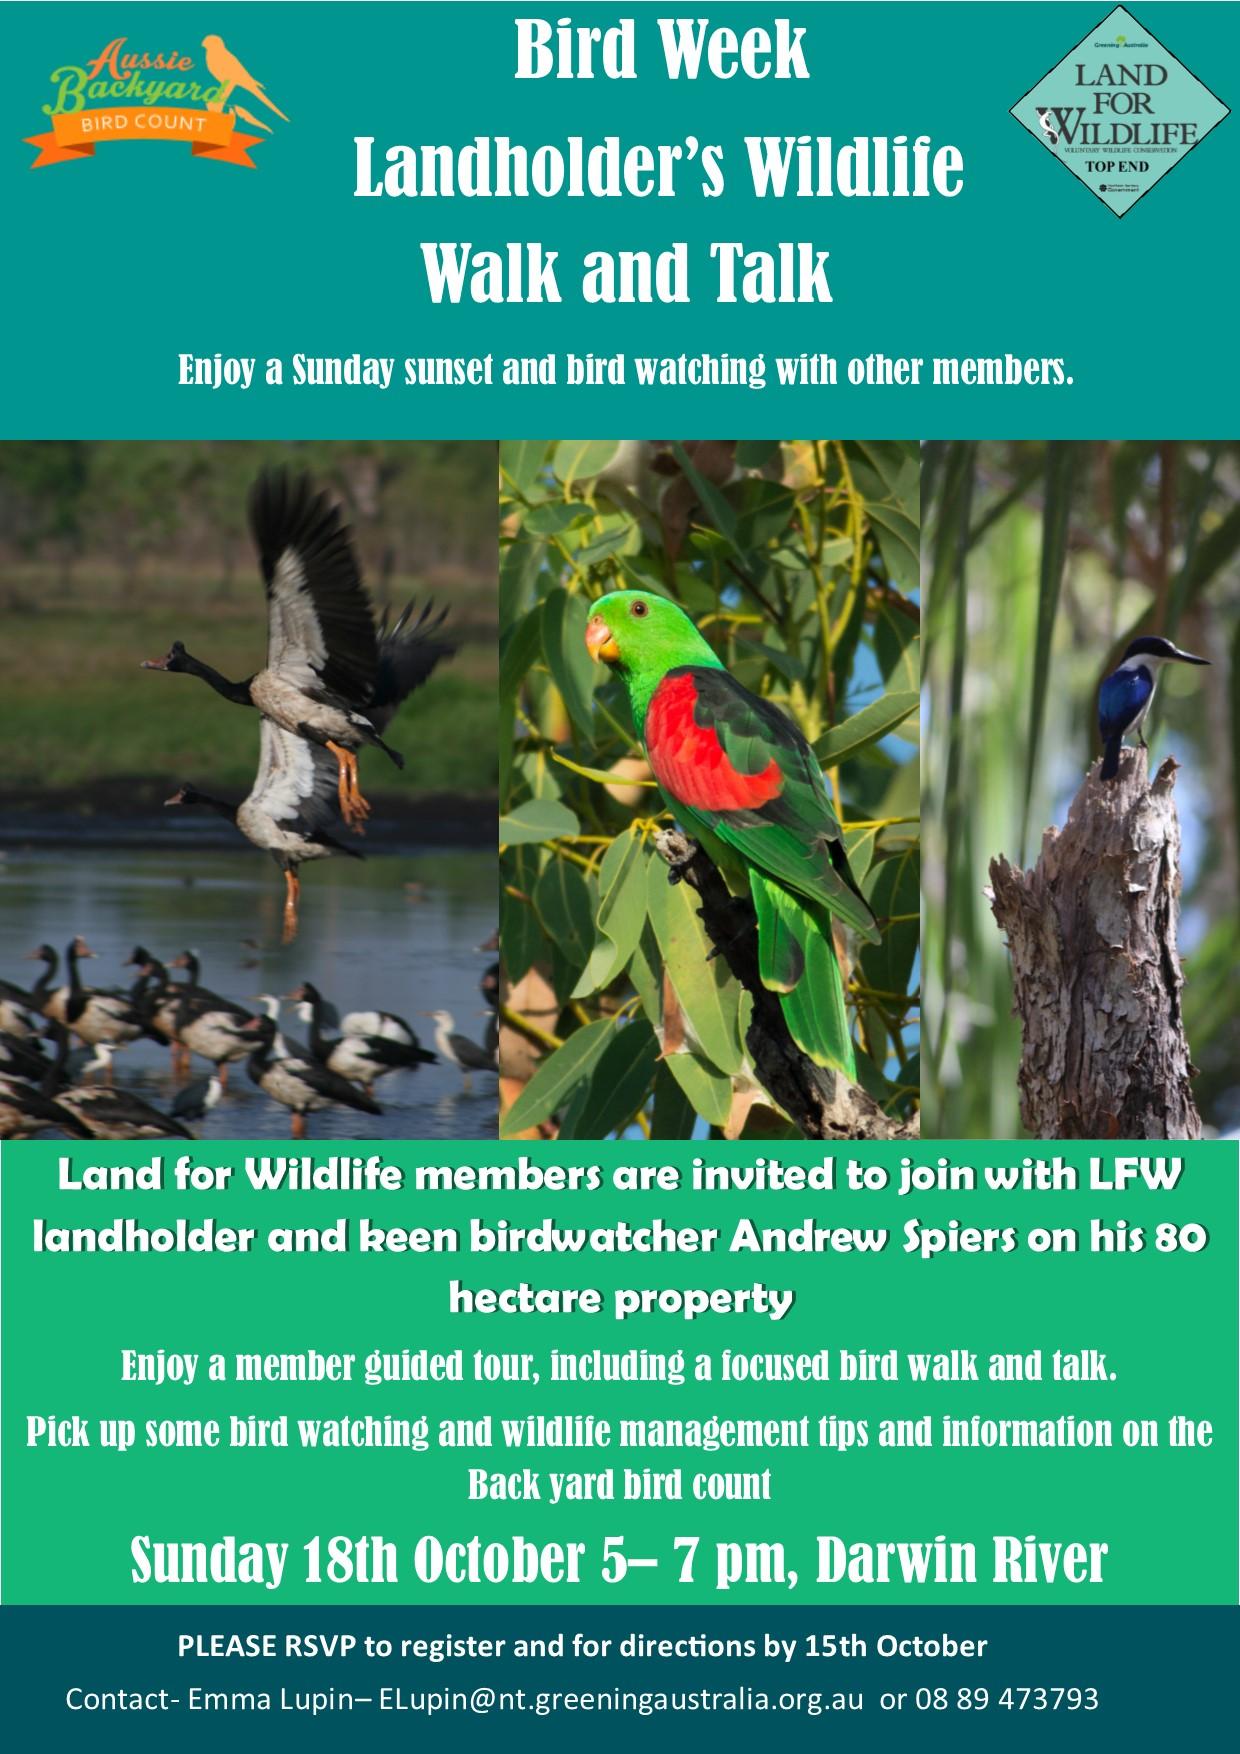 aussie backyard bird count land for wildlife top end